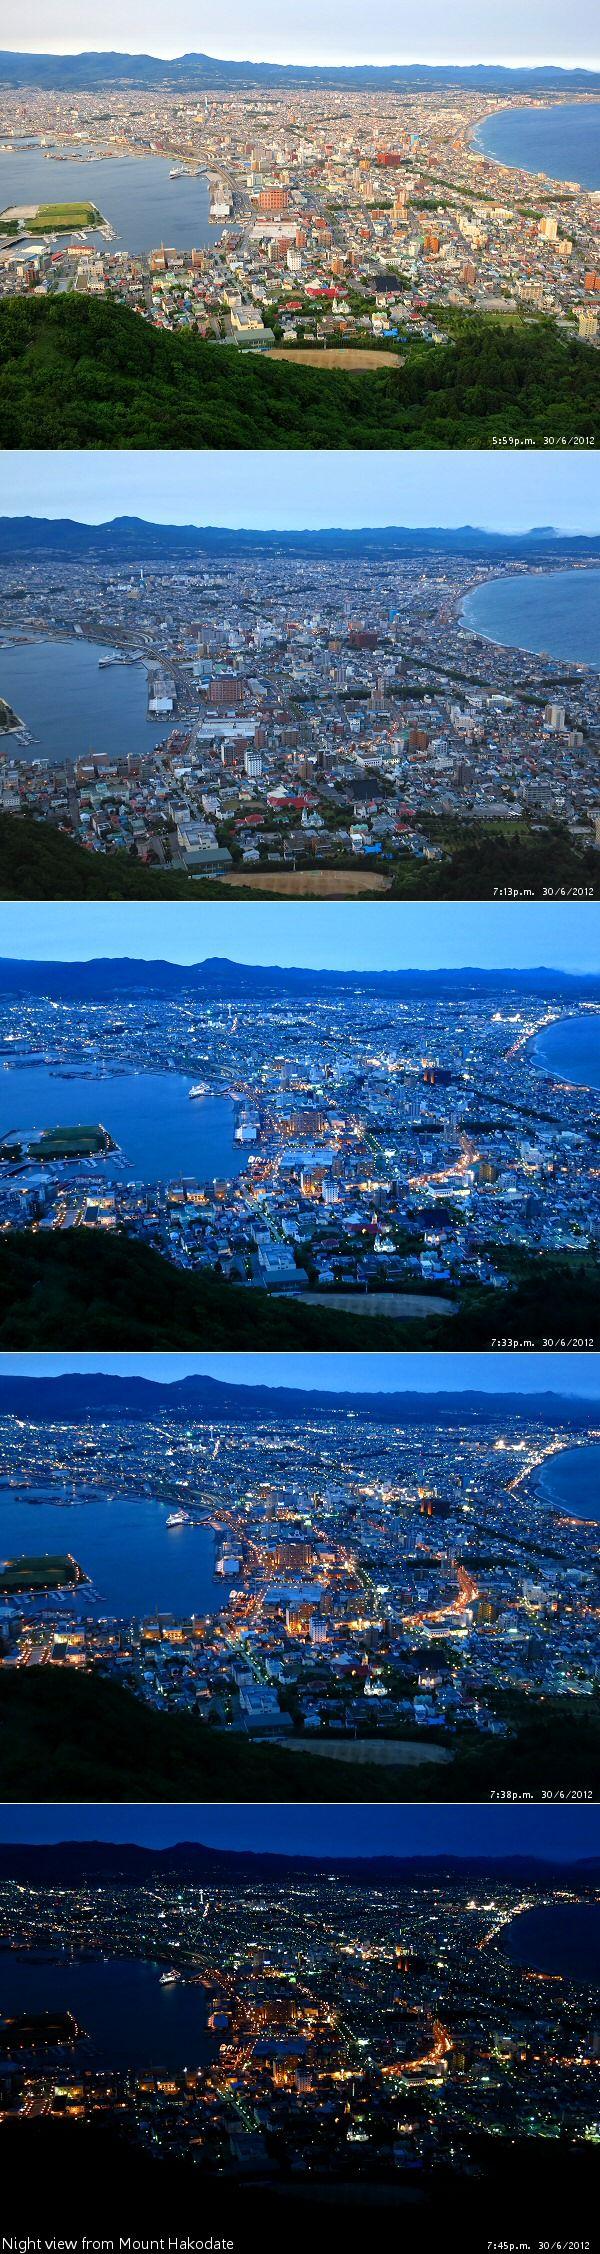 View from Hakodate-yama (Mt. Hakodate), Hokkaido, Japan